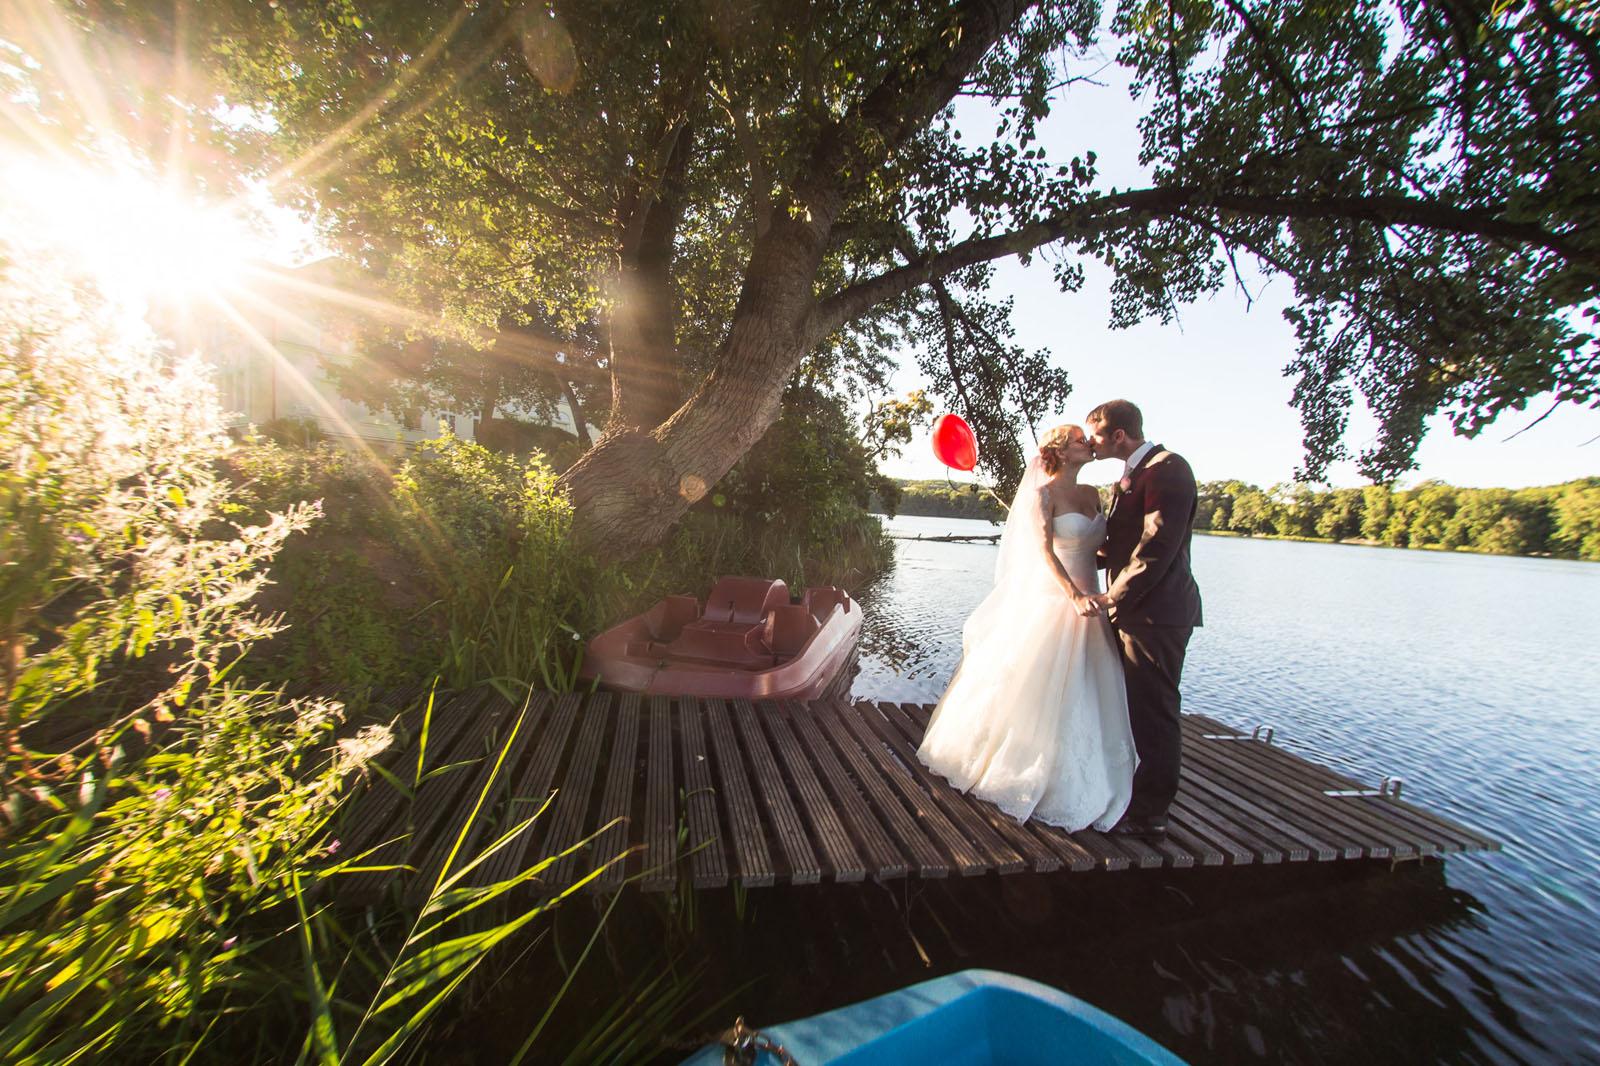 unterwegs als Hochzeitsfotograf bei Karoline & Oliver auf Schloss Schorssow in Mecklenburg